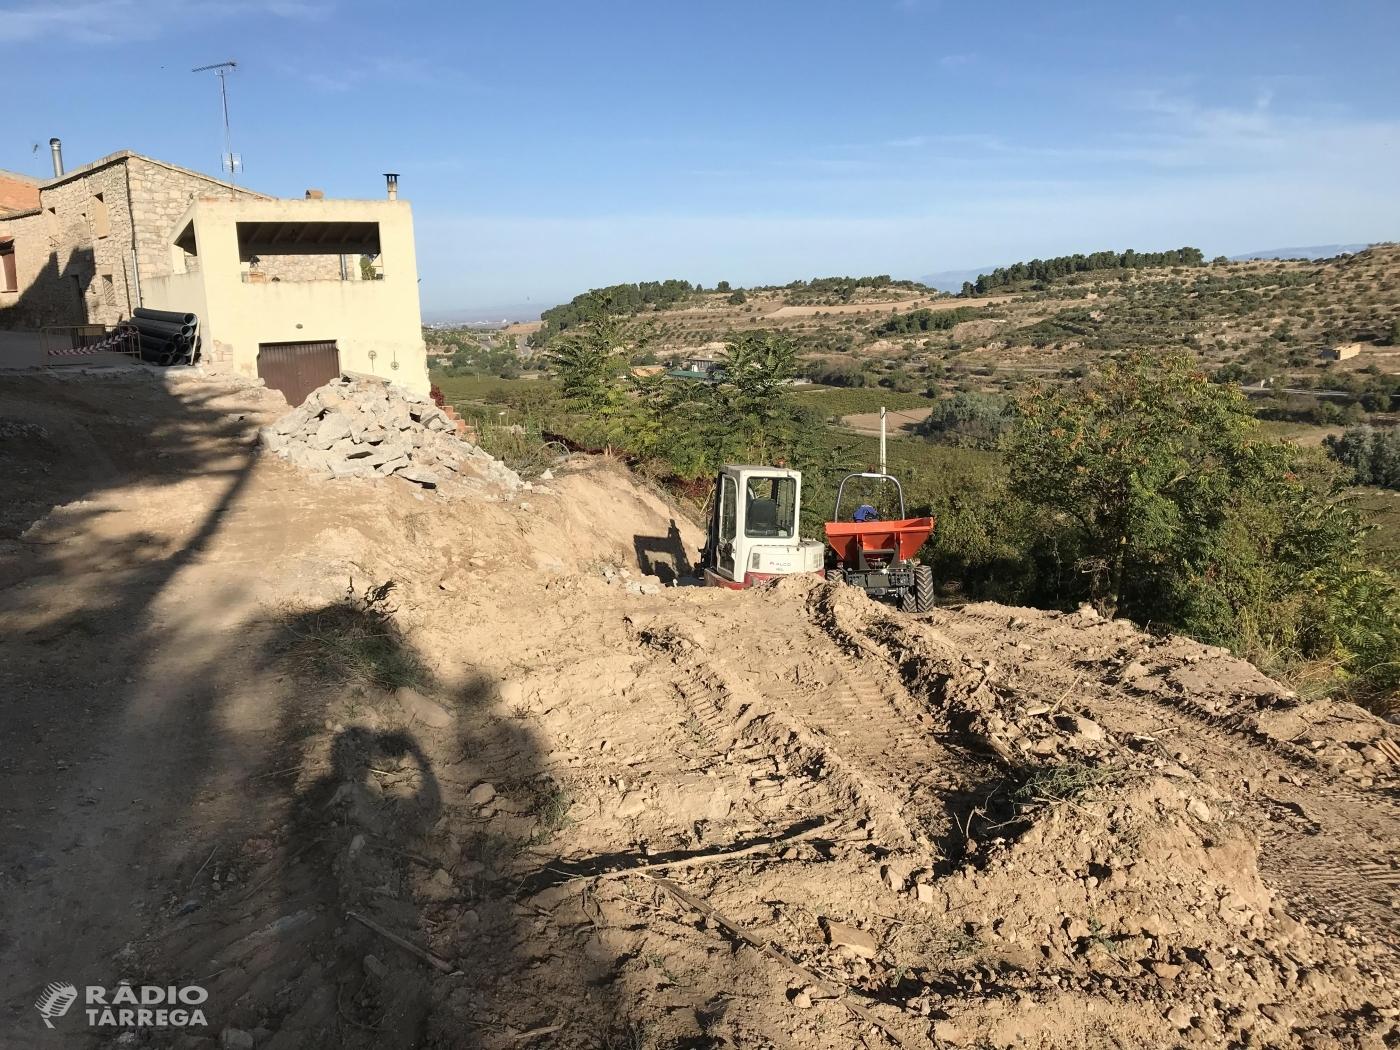 S'inicien les obres d'urbanització del Porta del Gel de Ciutadilla